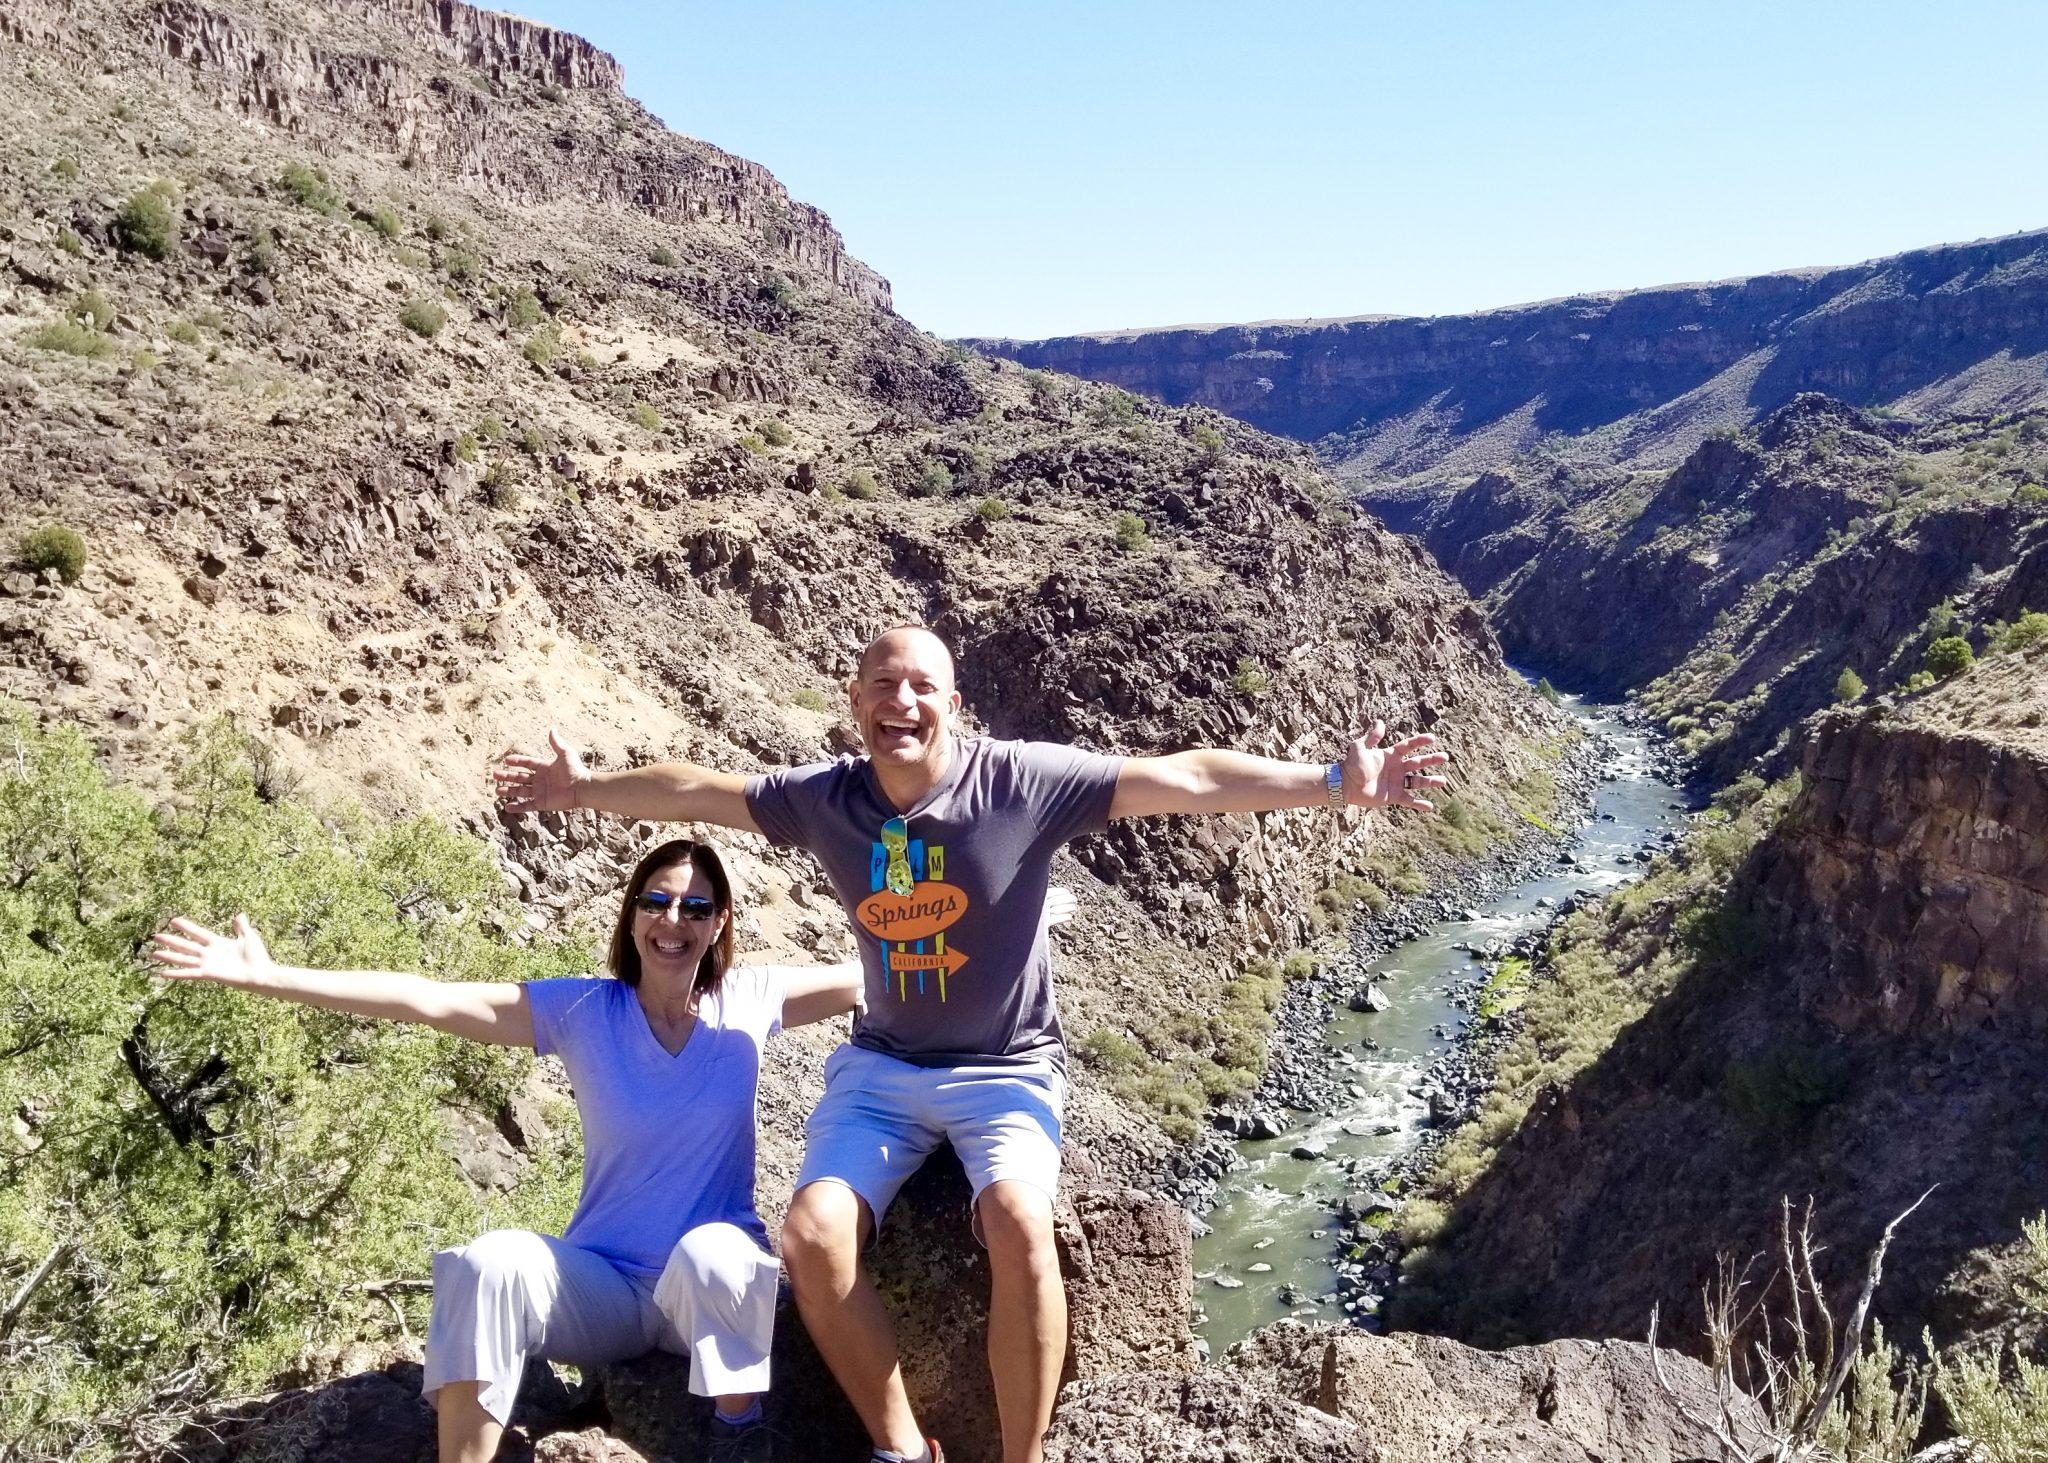 Rio Grande River Gorge view